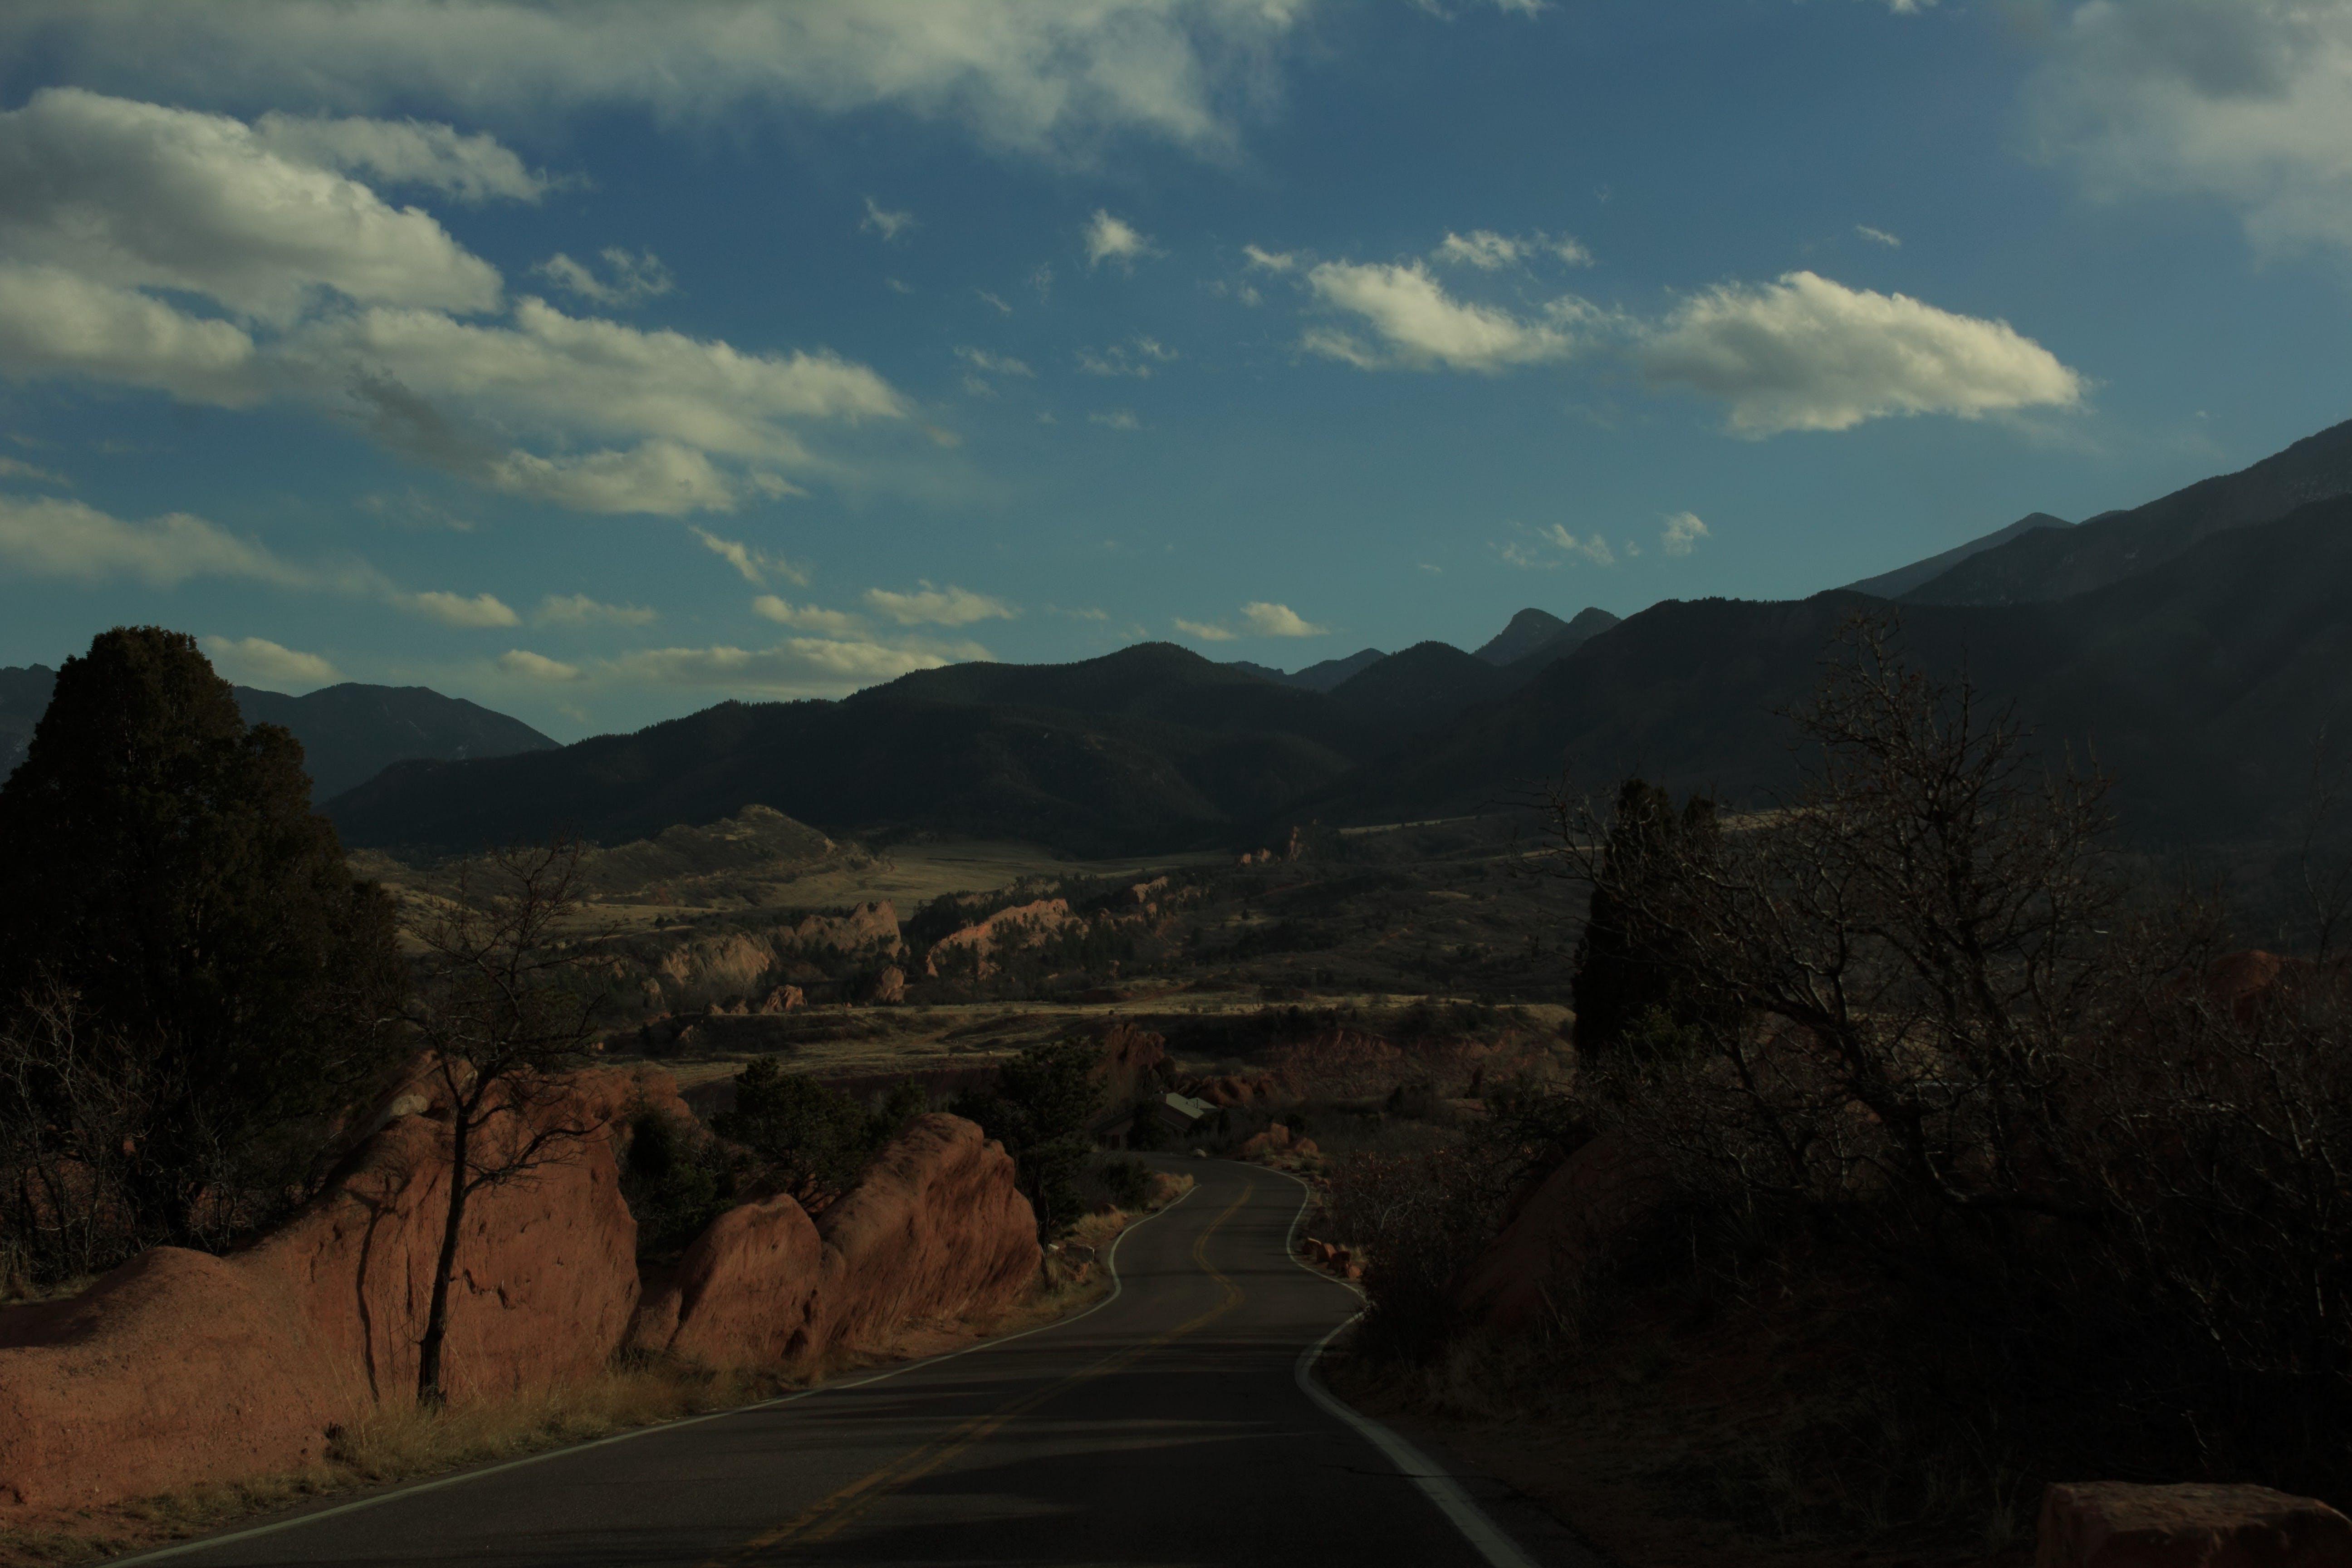 Free stock photo of garden of the gods, mountain, mountains, road